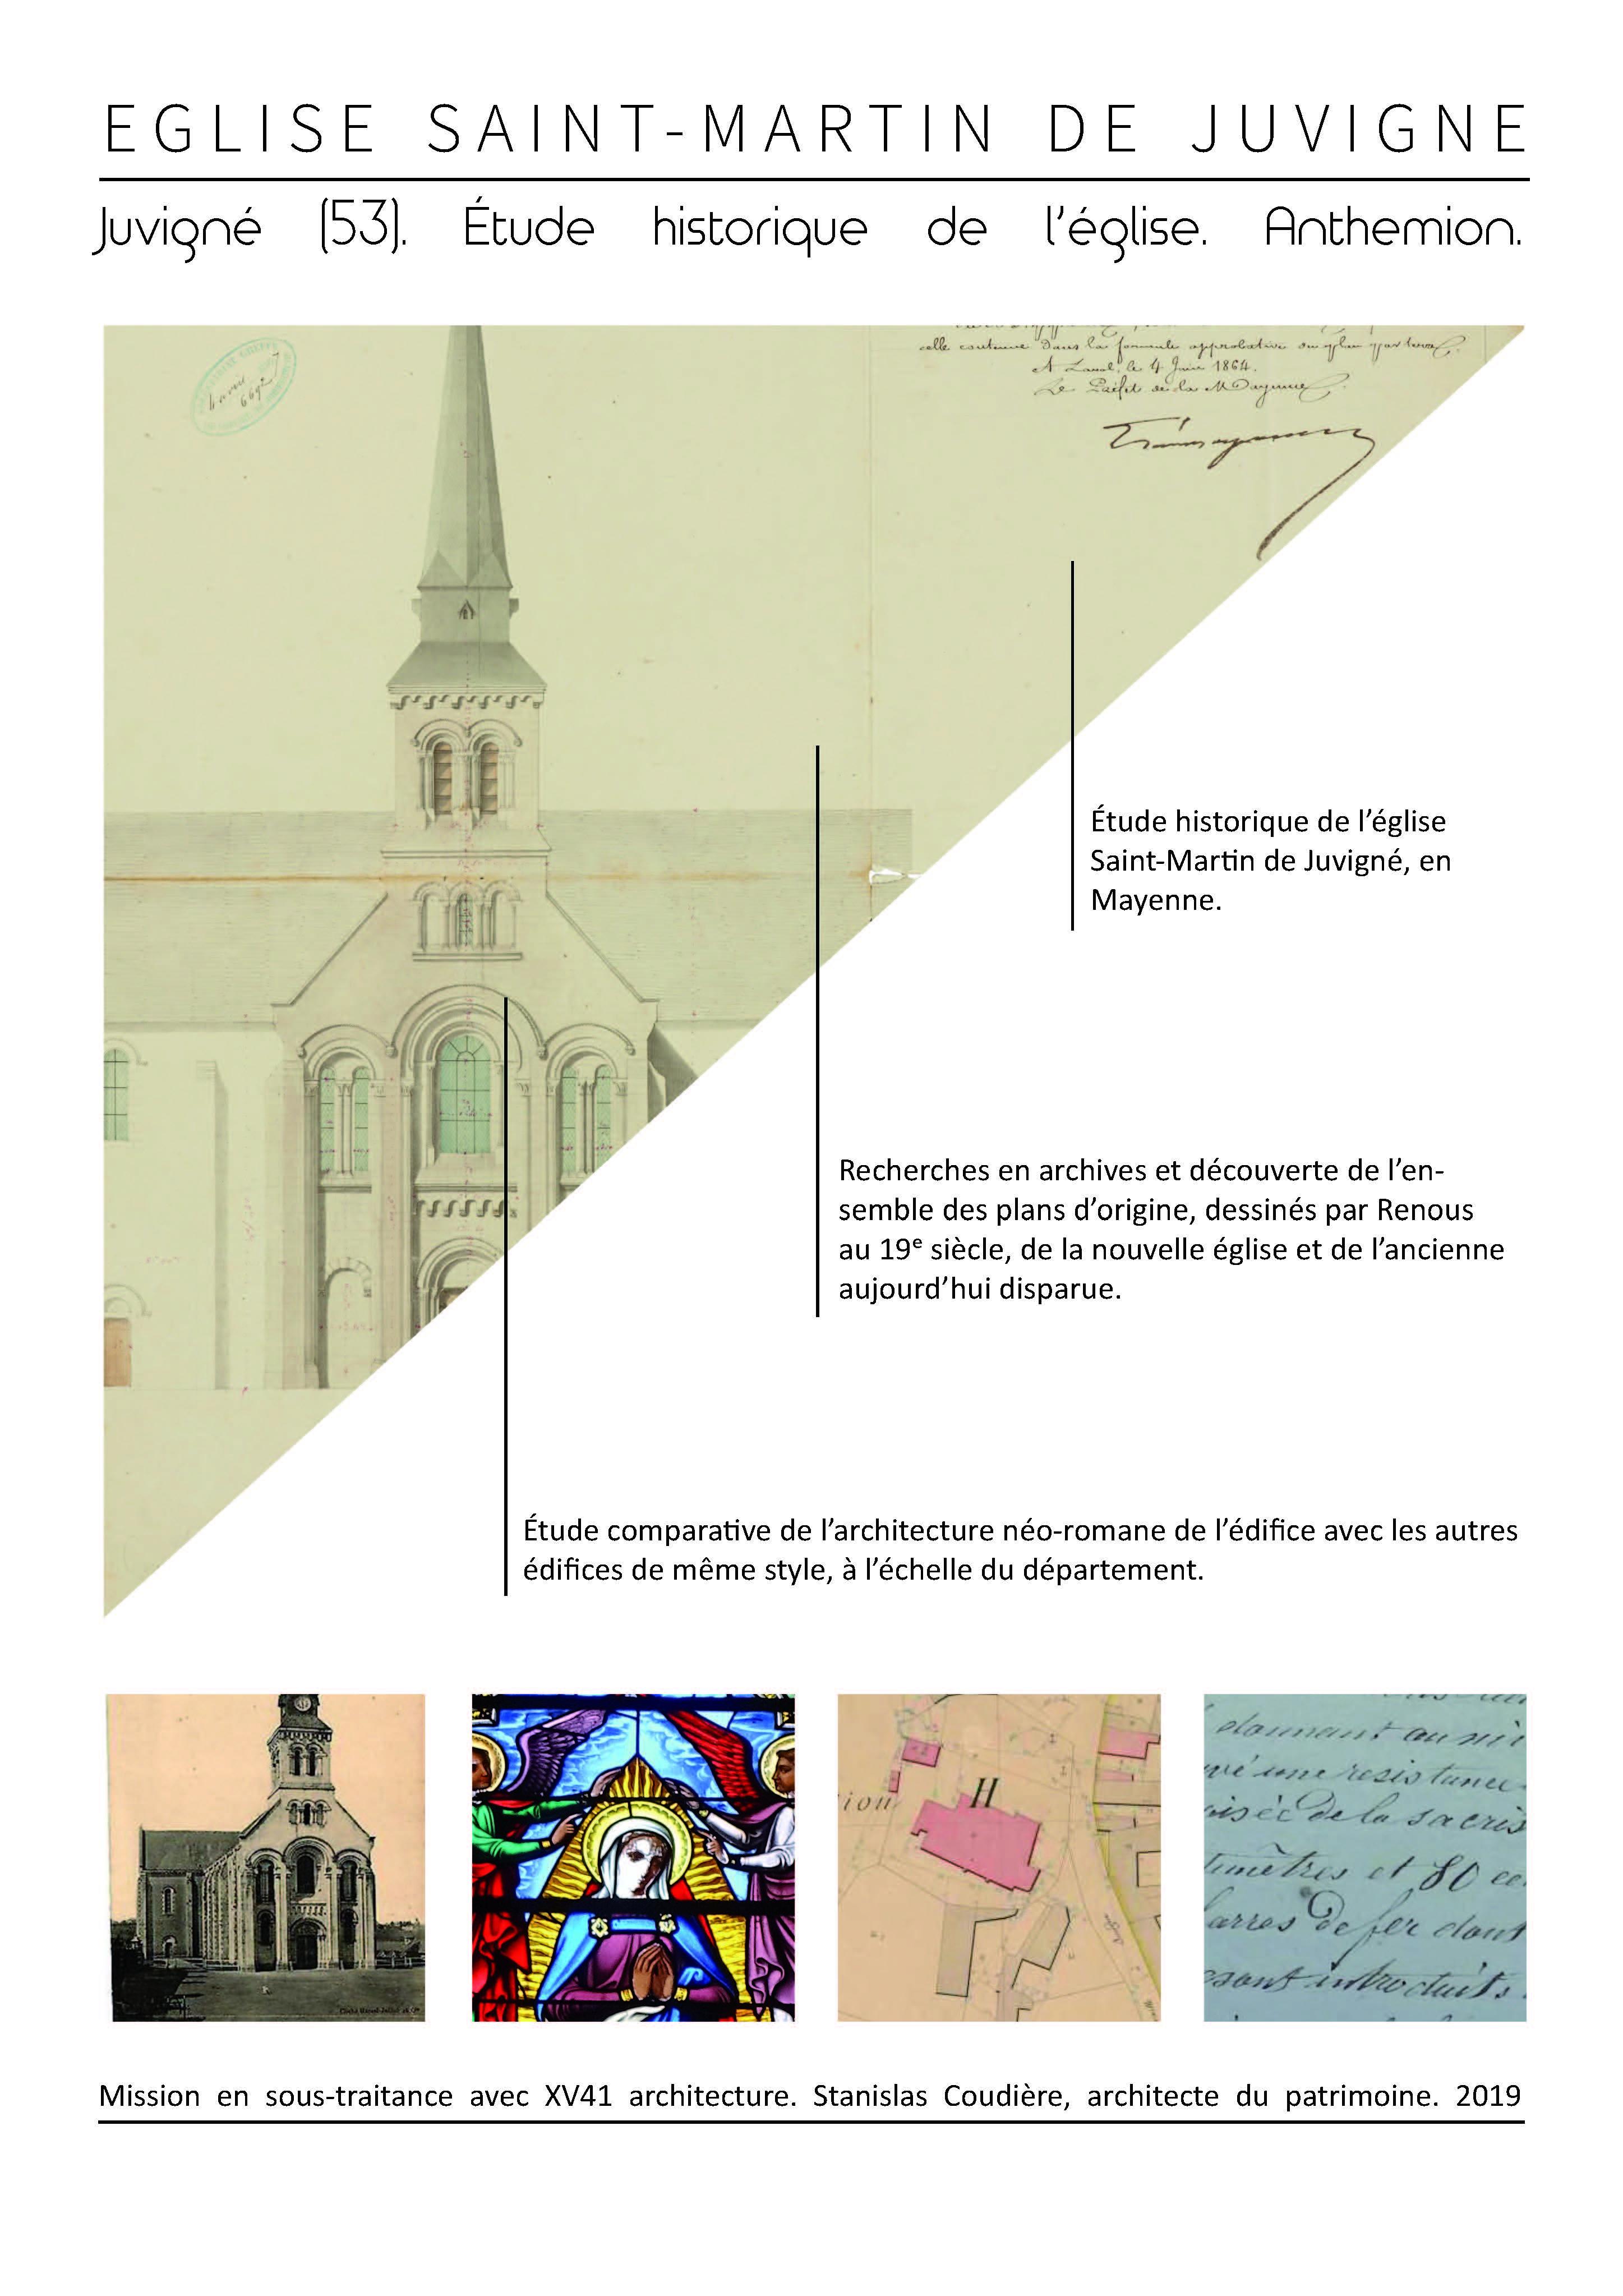 juvigne etude historique recherche histoire archive assistance prealable restauration